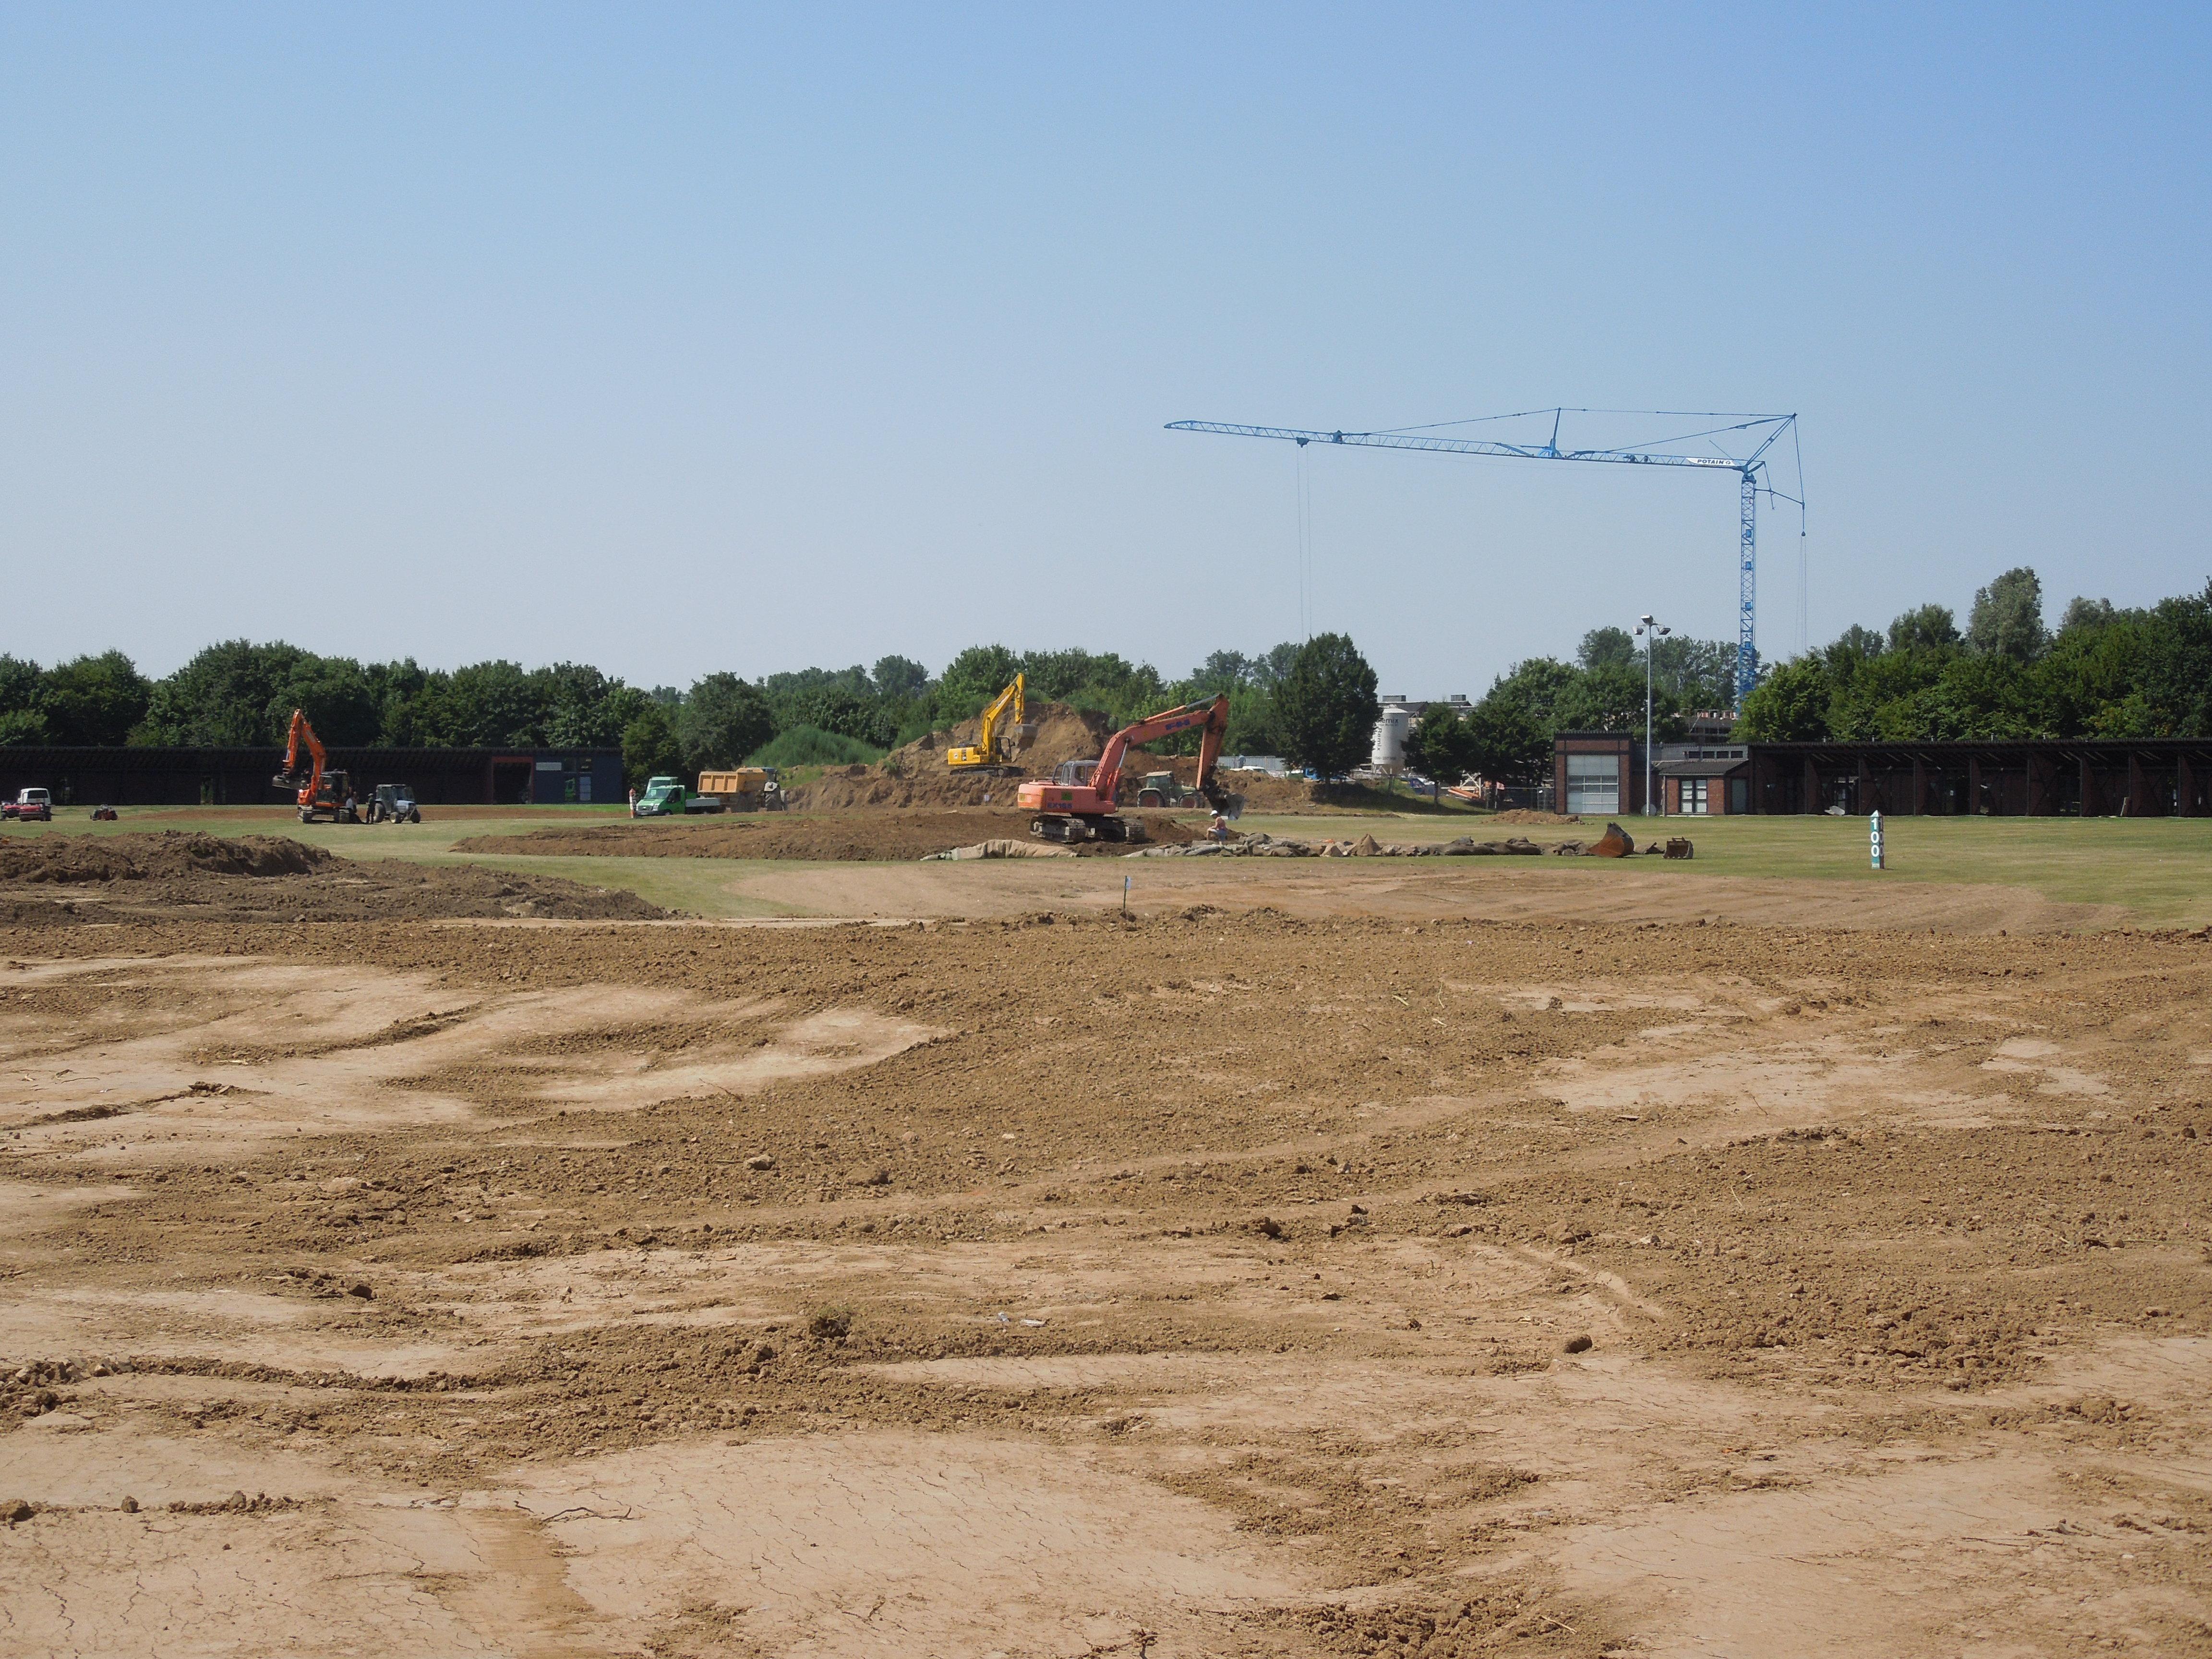 Umbau Golfodrom 17.07.2015